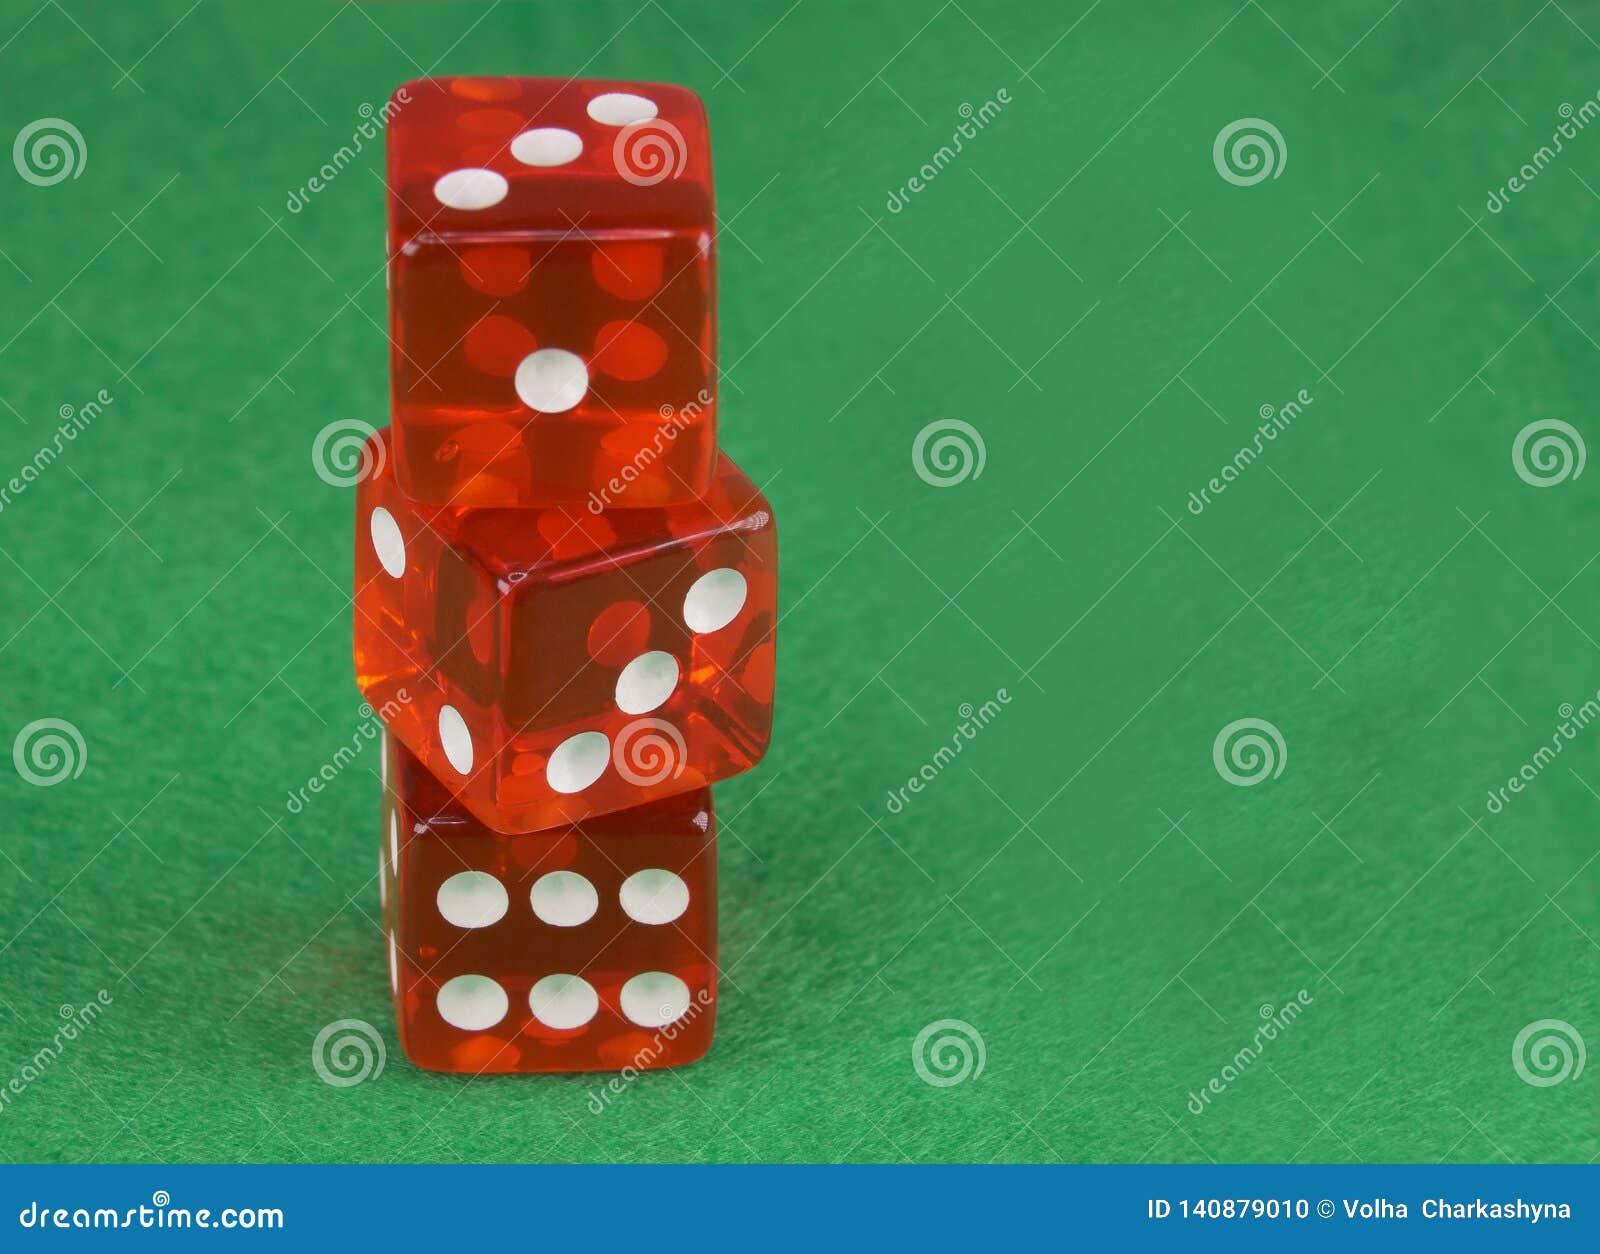 三红色赌博娱乐场在绿色布料切成小方块 网上赌博的概念 复制文本的空间